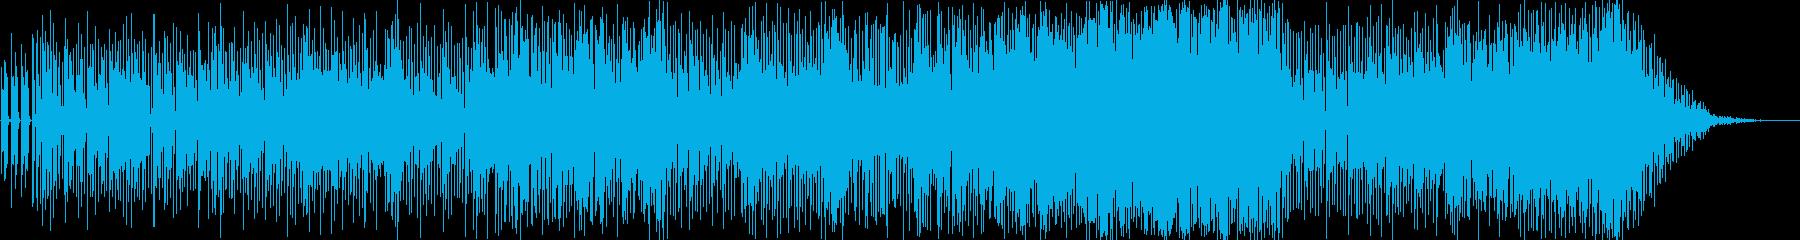 ジャングルのともだちの再生済みの波形